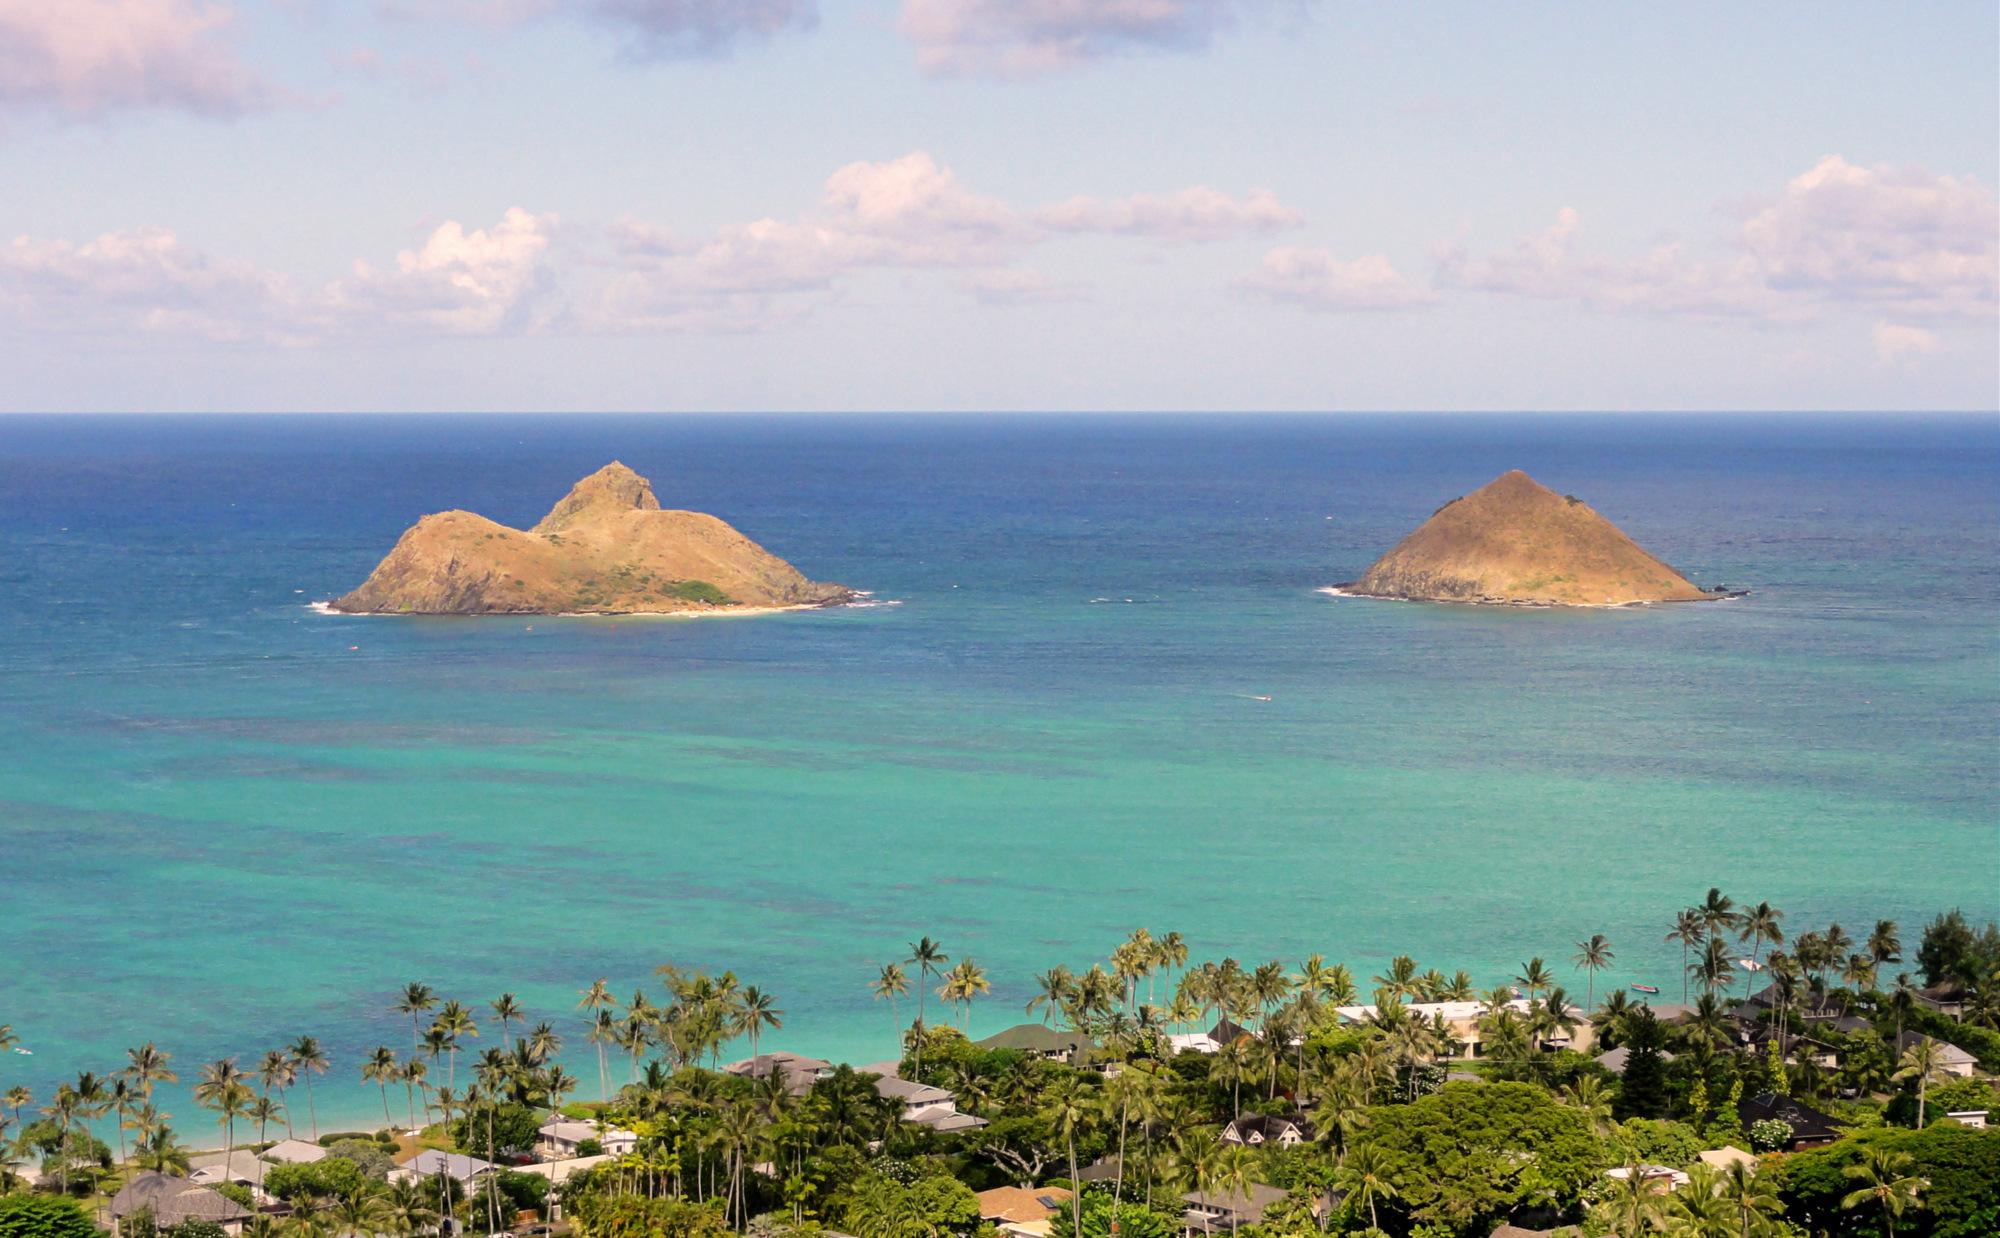 Na Mokulua Hawai: File:Mokulua Islands, Oahu Hawaii.JPG